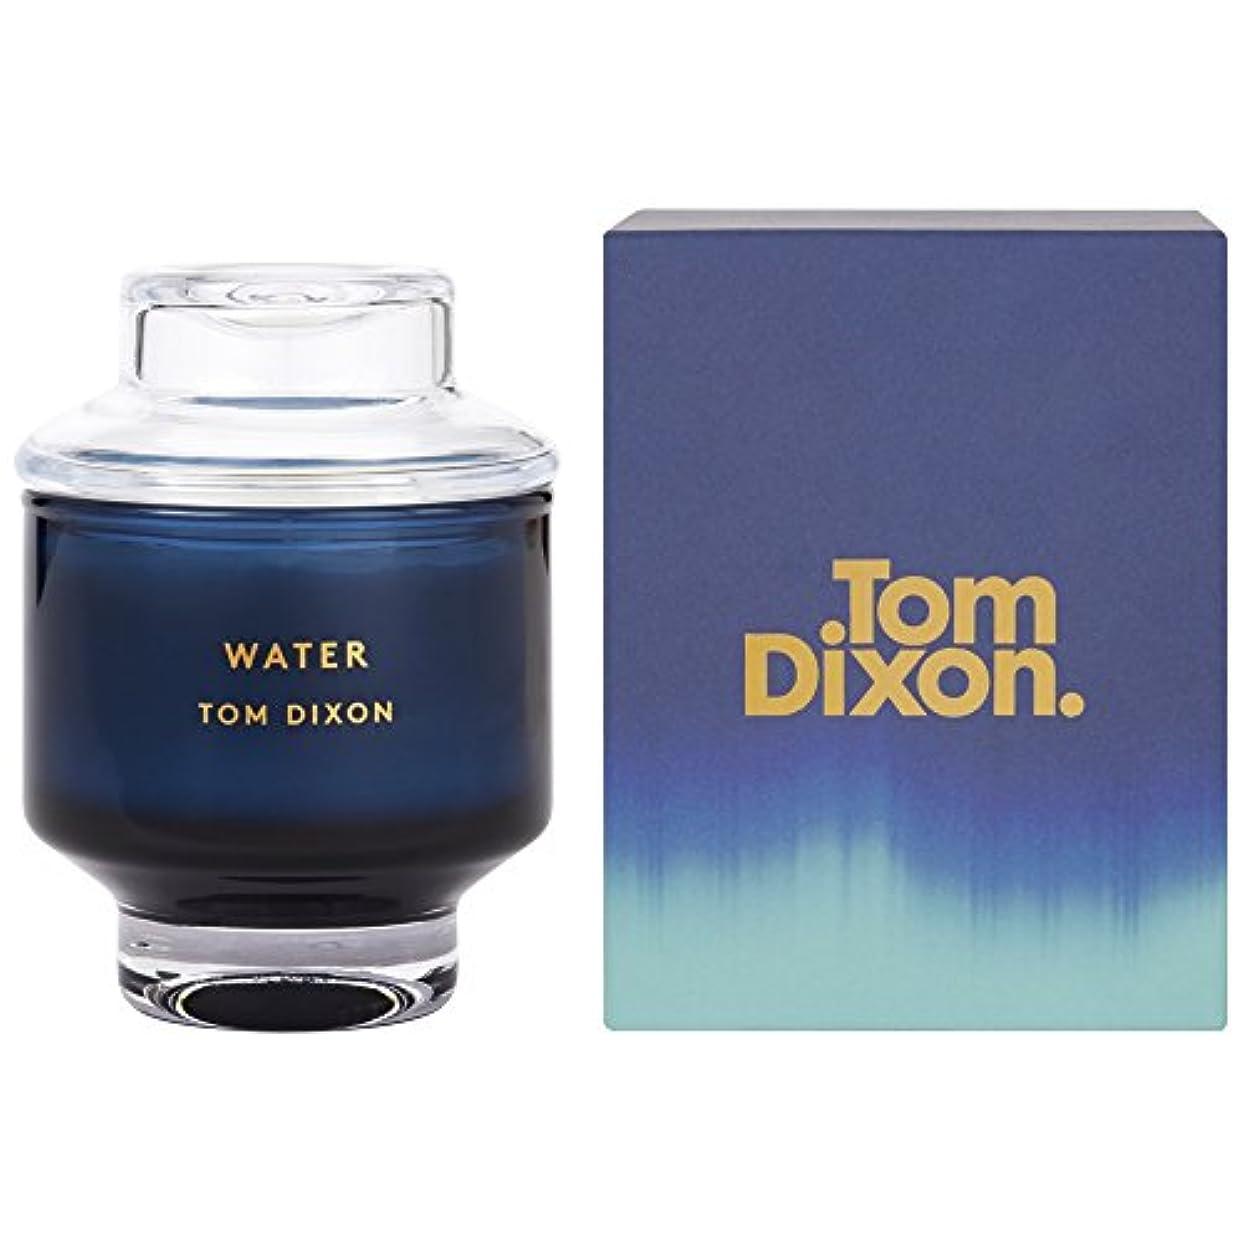 バウンス嵐の懸念トム?ディクソン水の香りのキャンドル媒体 x6 - Tom Dixon Water Scented Candle Medium (Pack of 6) [並行輸入品]